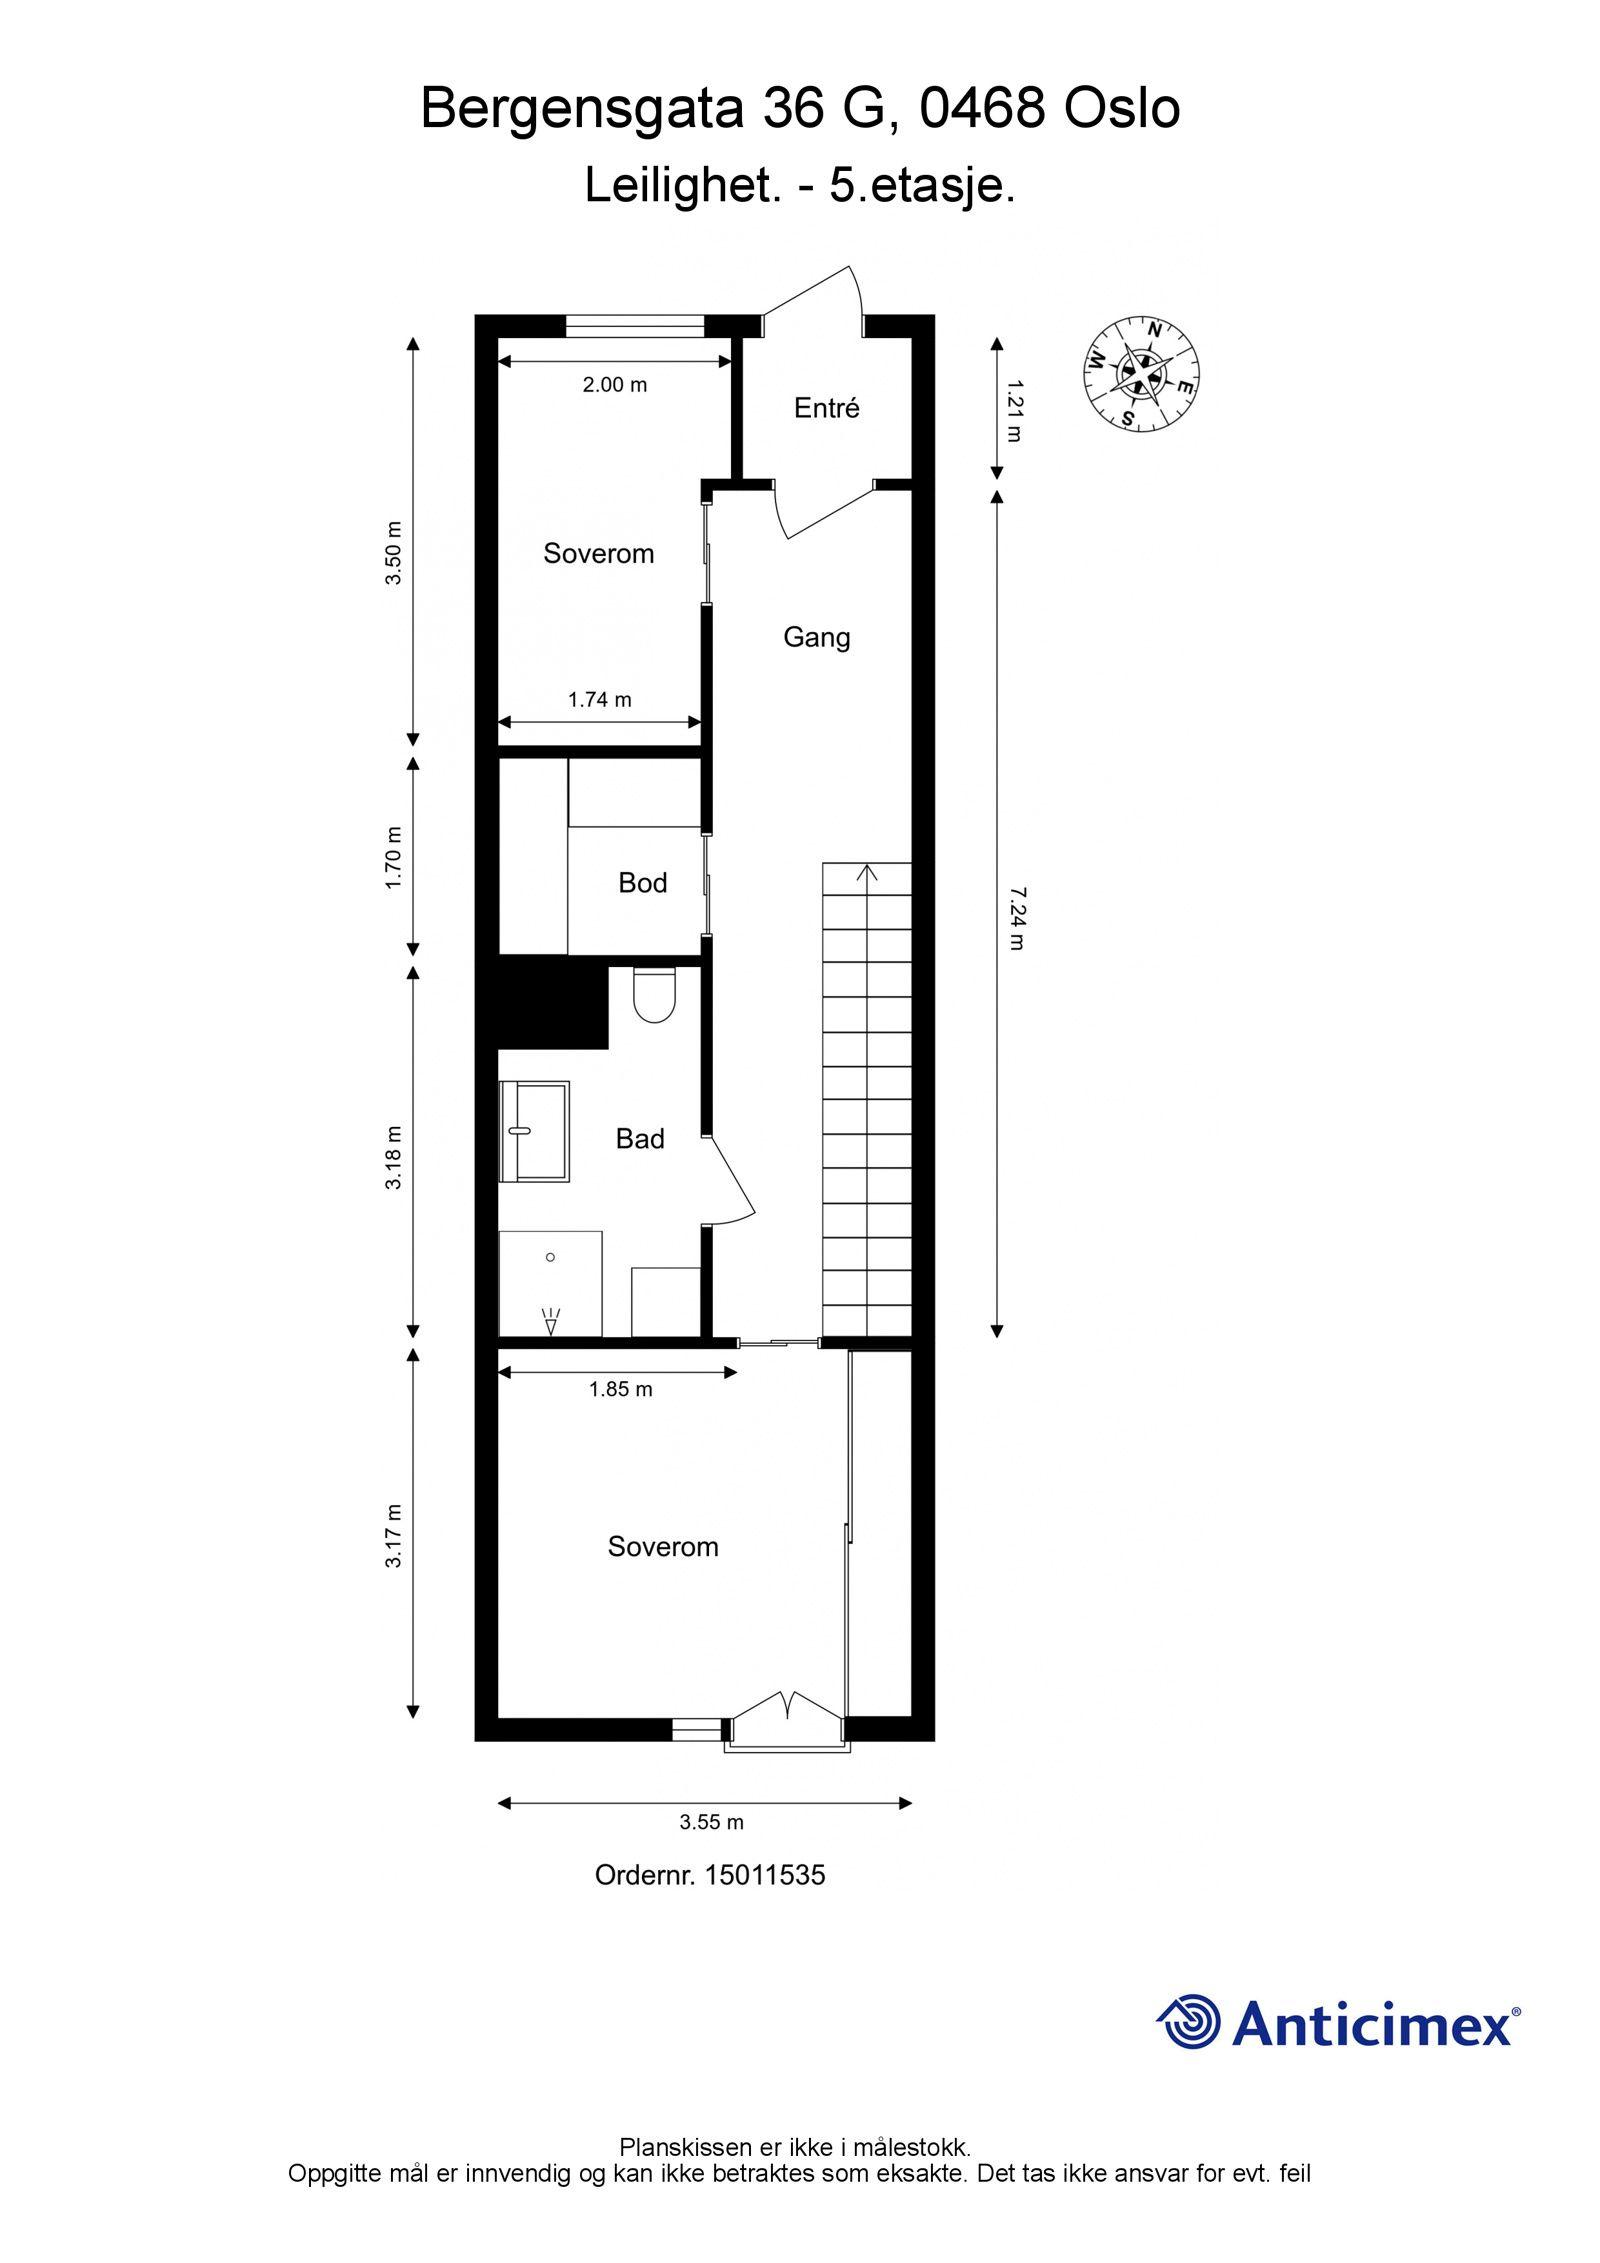 Bergensgata 36 G Plantegning 5. etasje. I tillegg disponerer leiligheten en garasjeplass med opplegg for elbil-lader, samt en kjellerbod på ca. 5,4m². Heisadkomst.